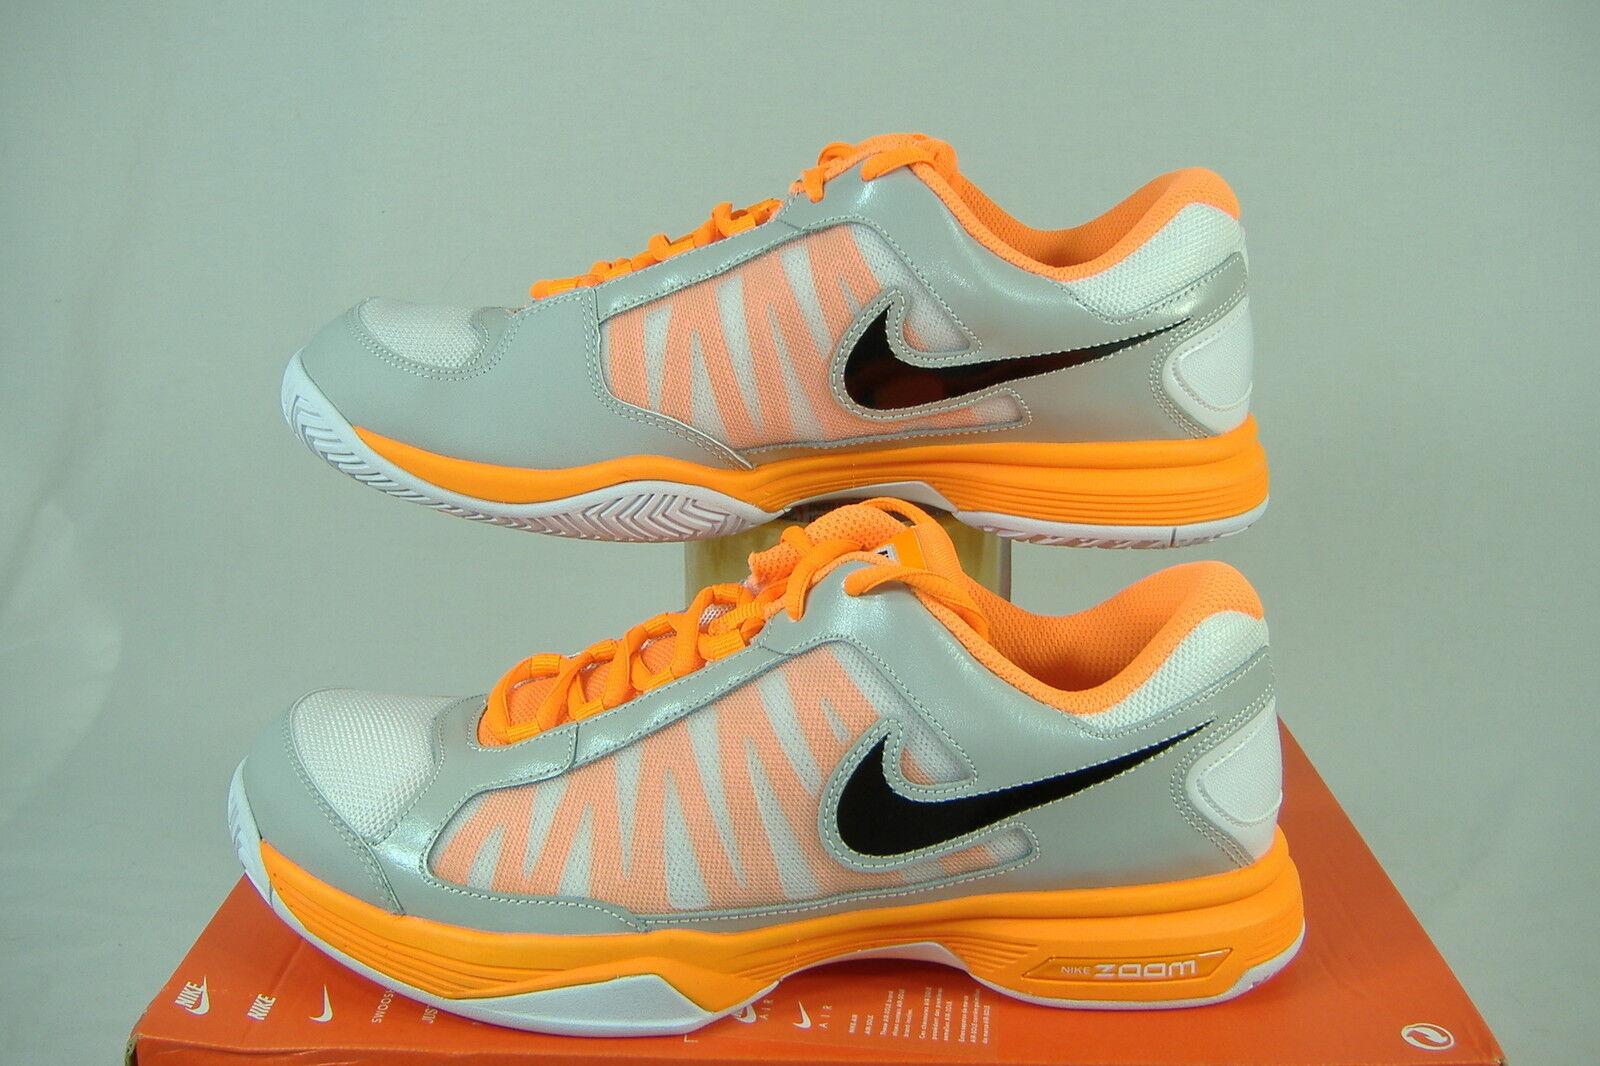 neue frauen 11,5 nike zoom courtlite 3 gray 487996-108 orange schwarz arbeiten shoes80 487996-108 gray eb47f9